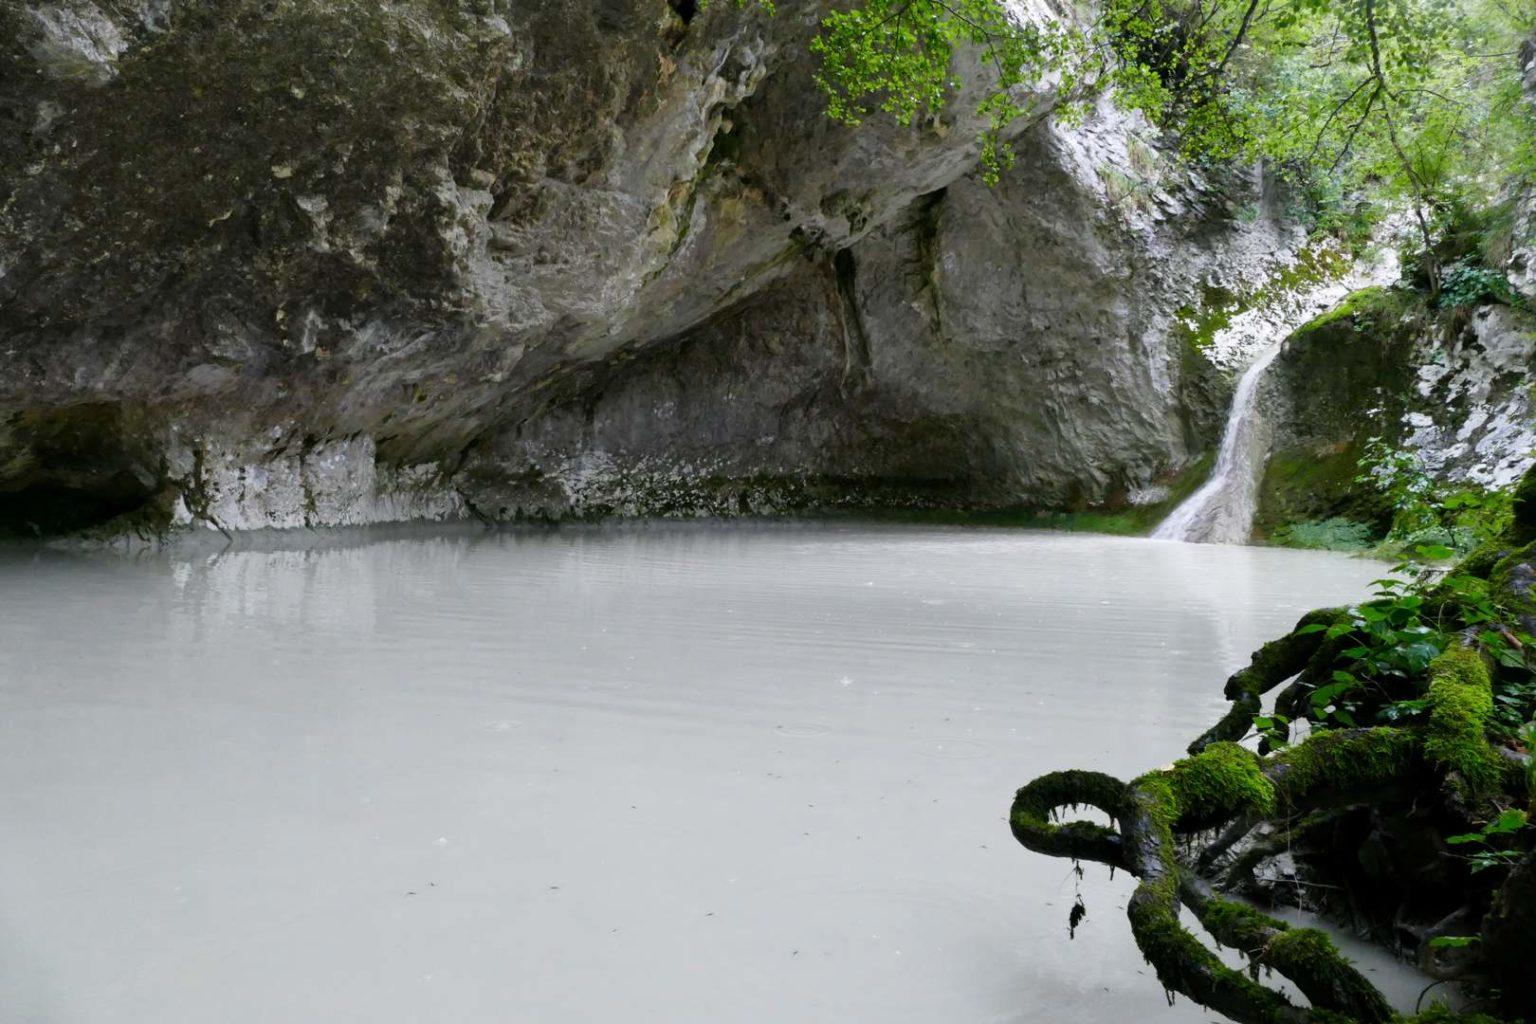 Wasserfall Mala Pec